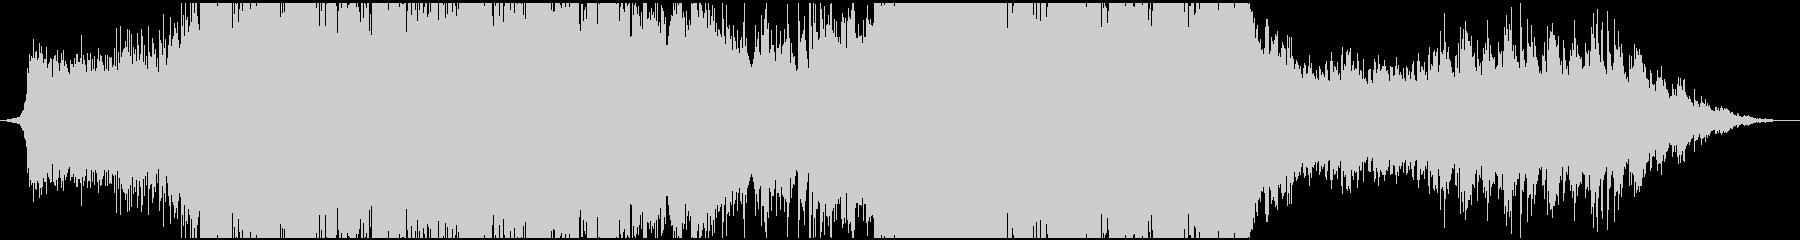 疾走感のあるピアノオーケストラロックの未再生の波形